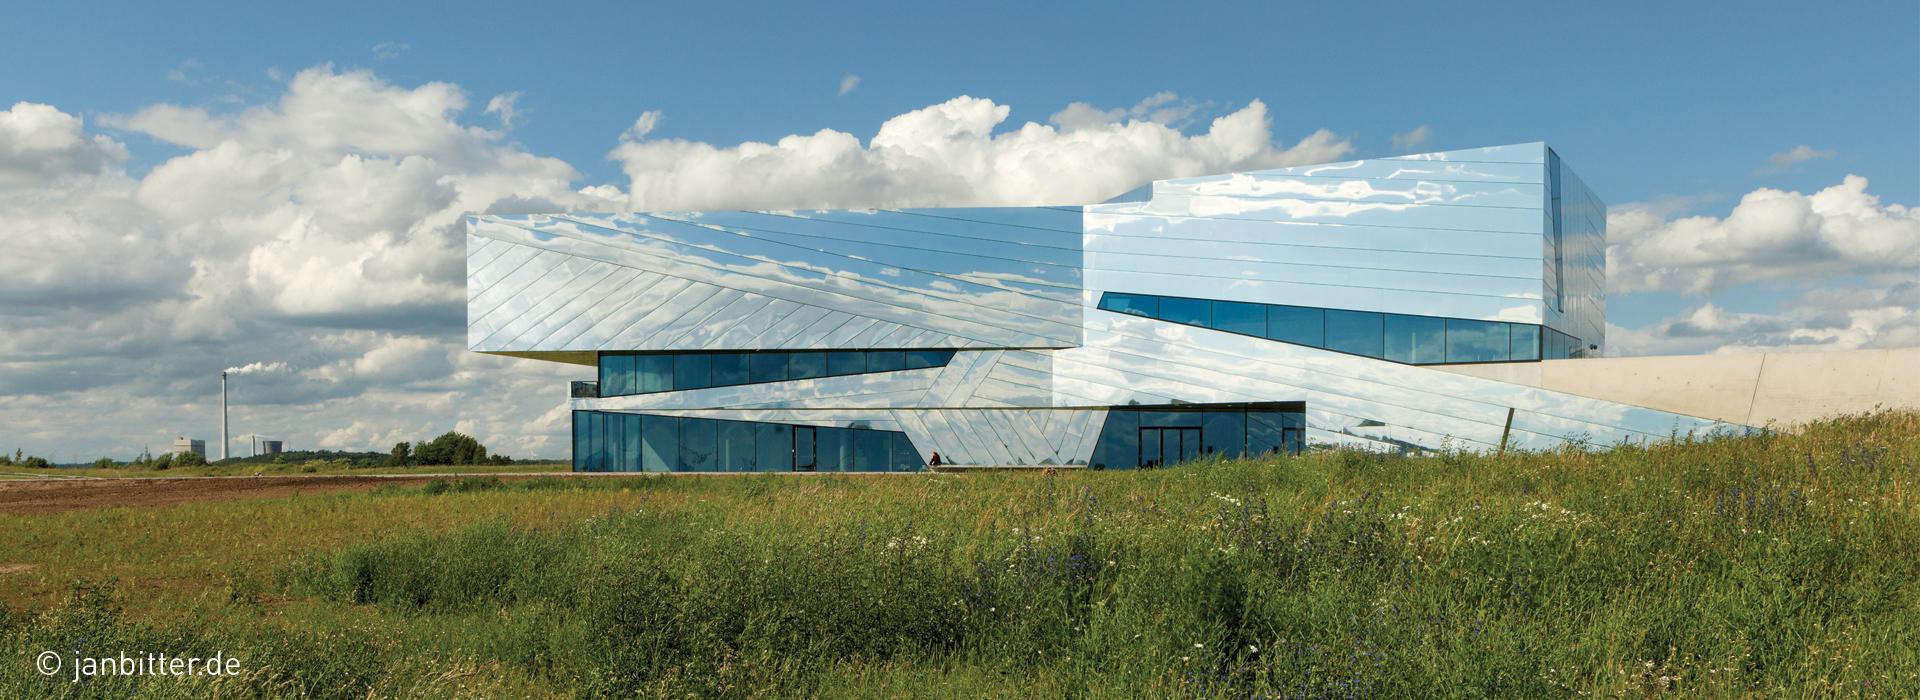 Vectorworks architektur erfolgreiche innenarchitektur for Architektur oder innenarchitektur